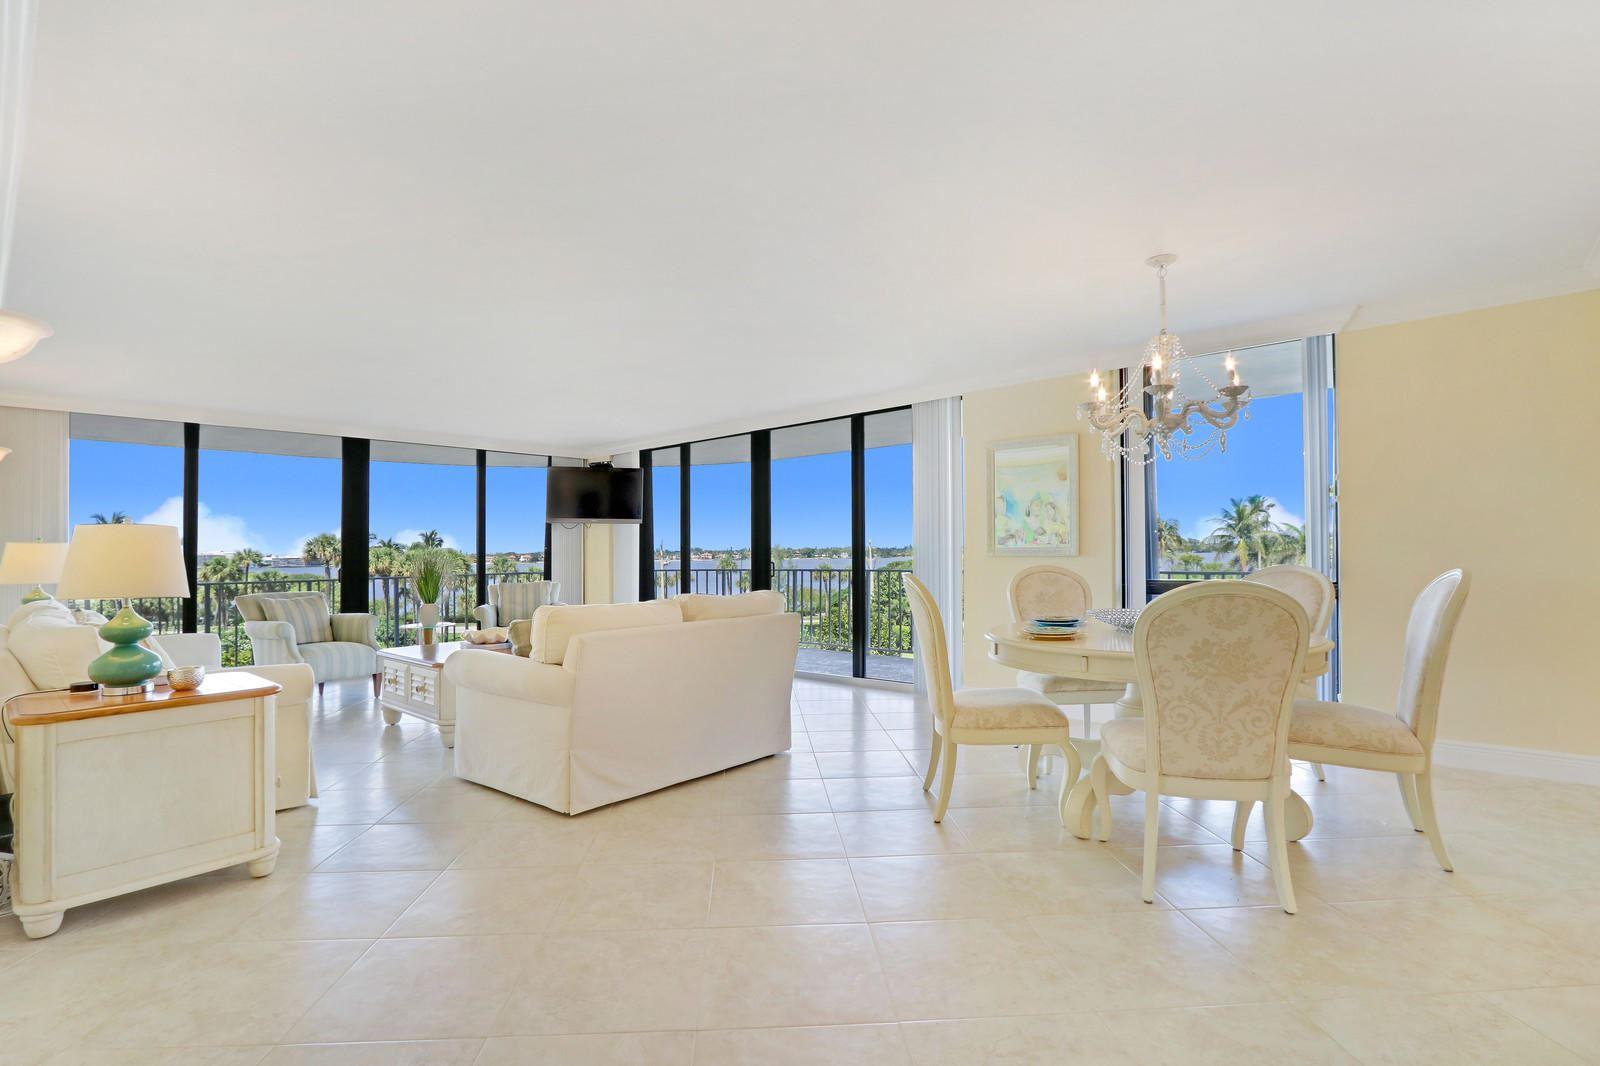 3400 S Ocean Boulevard #3a1, Palm Beach, FL 33480 - #: RX-10649547